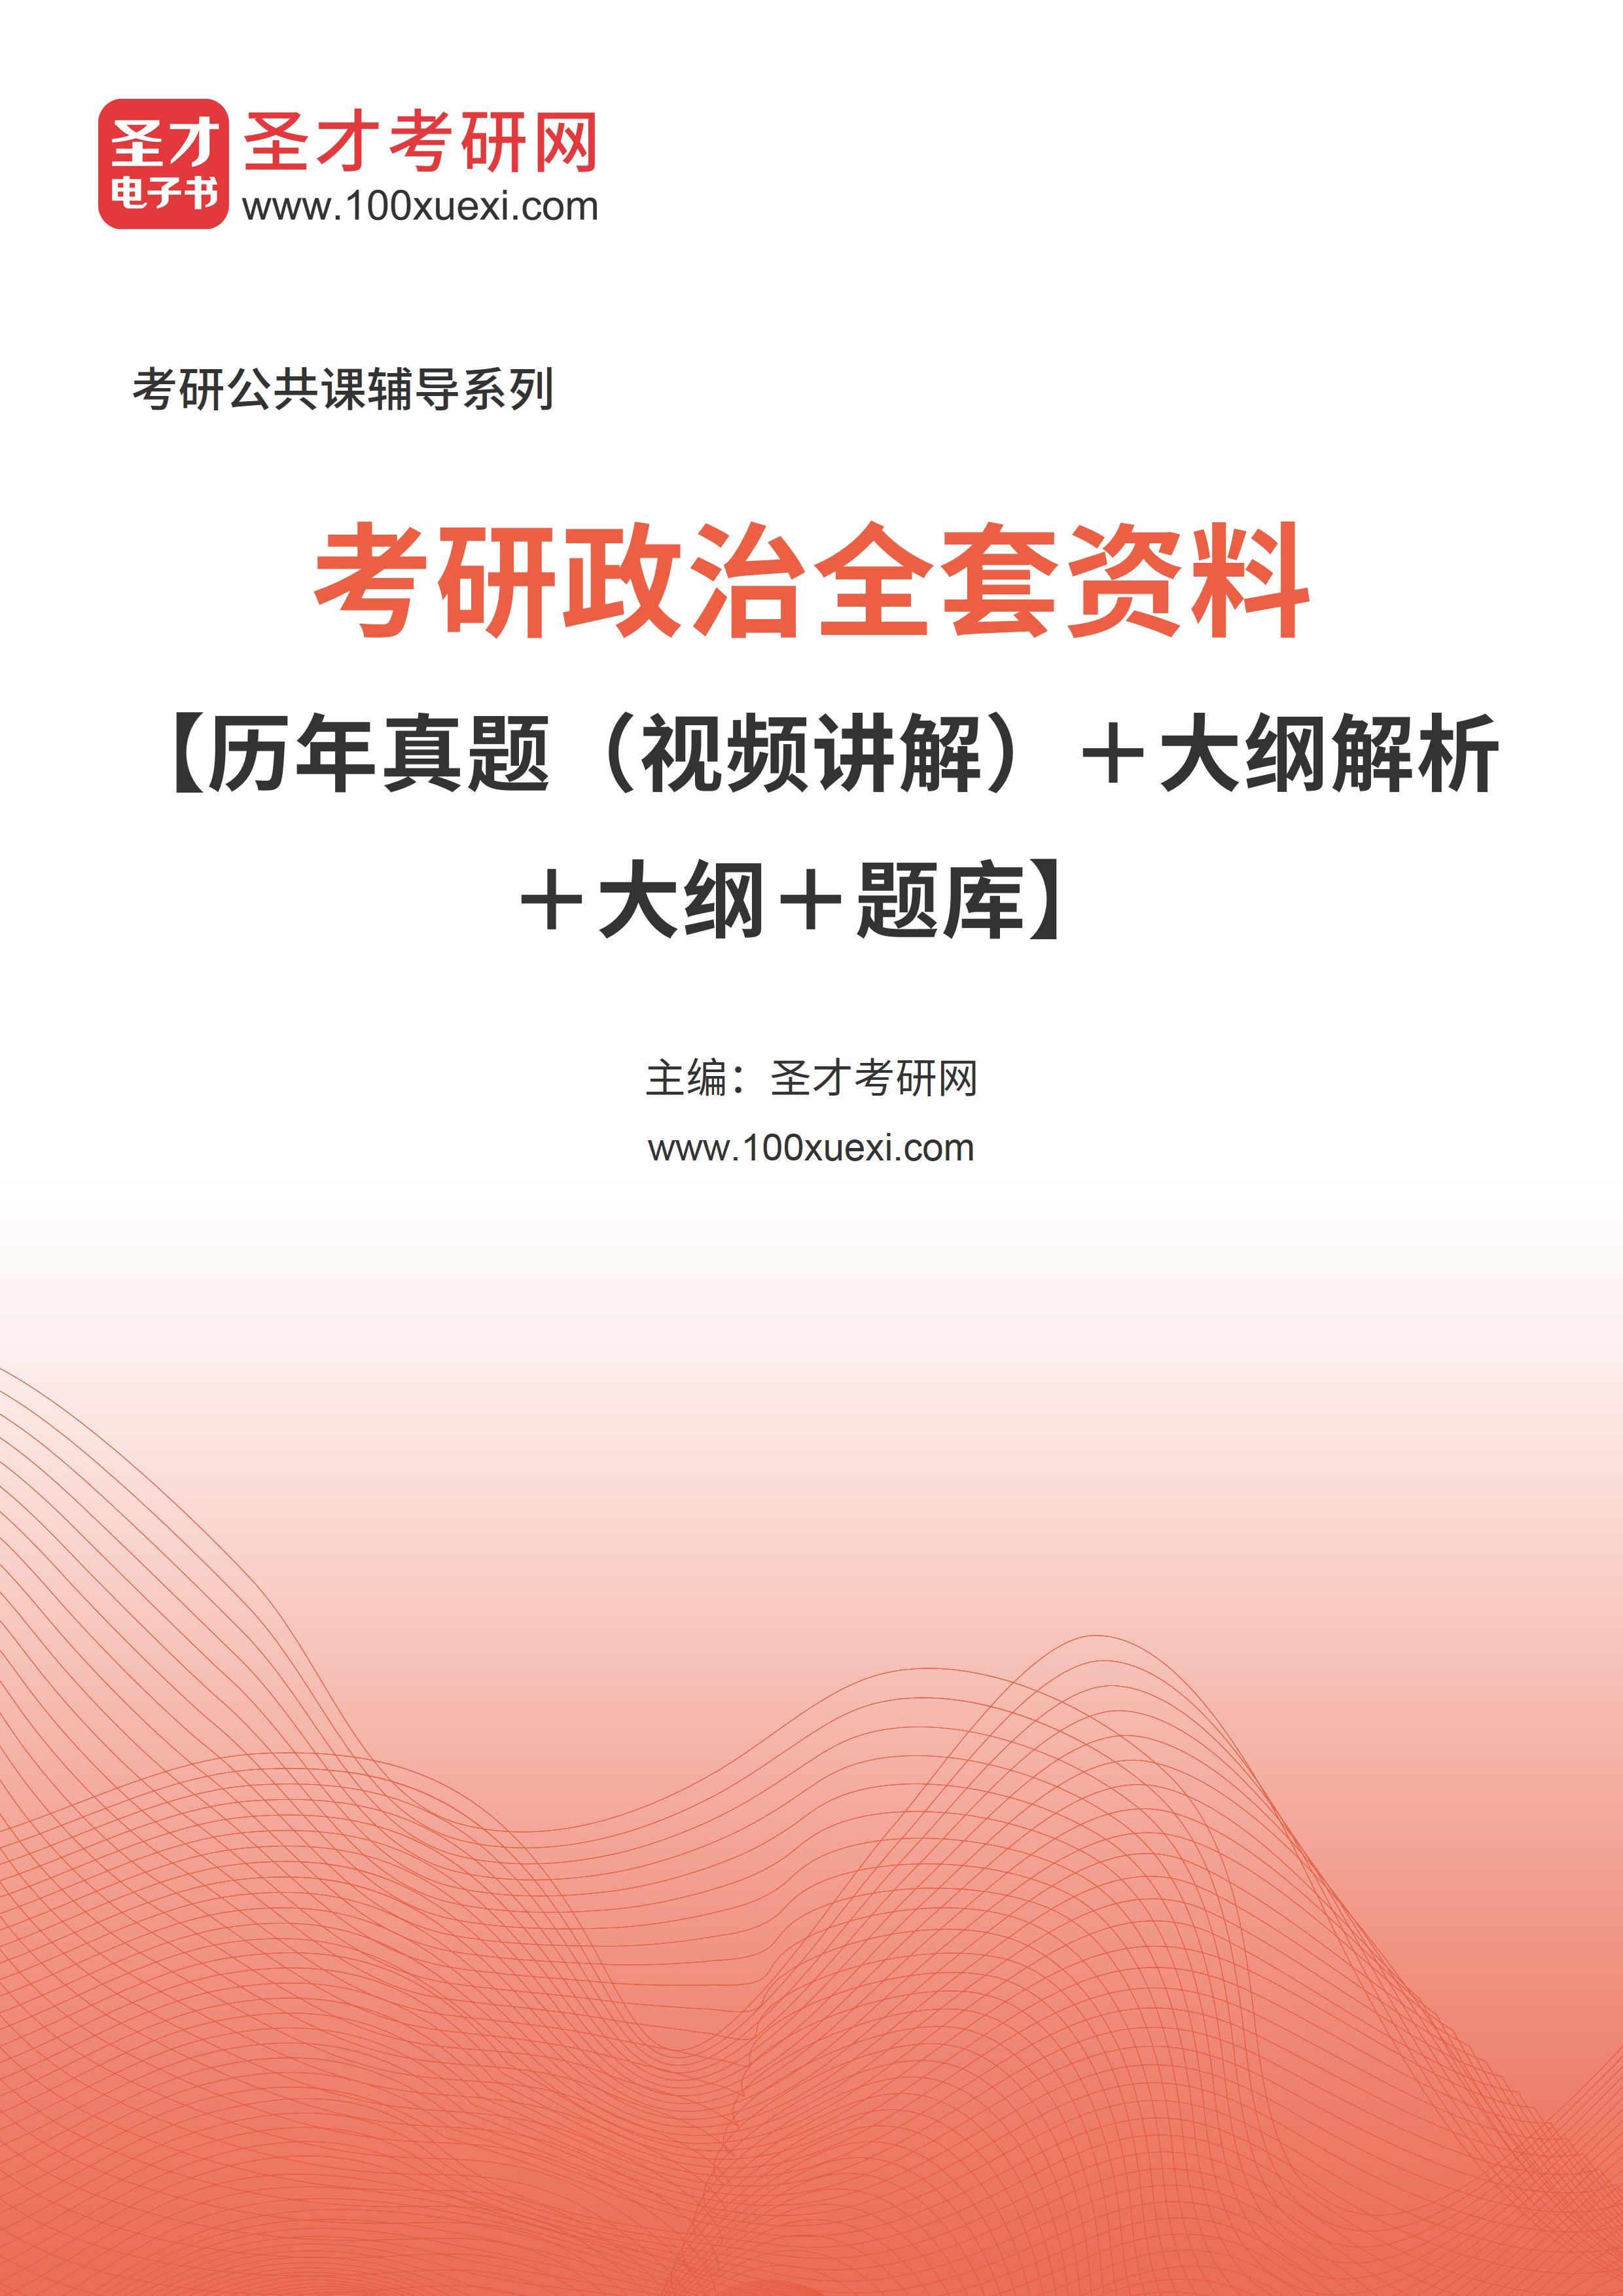 2021年考研政治全套资料【历年真题(视频讲解)+大纲解析+大纲+题库】